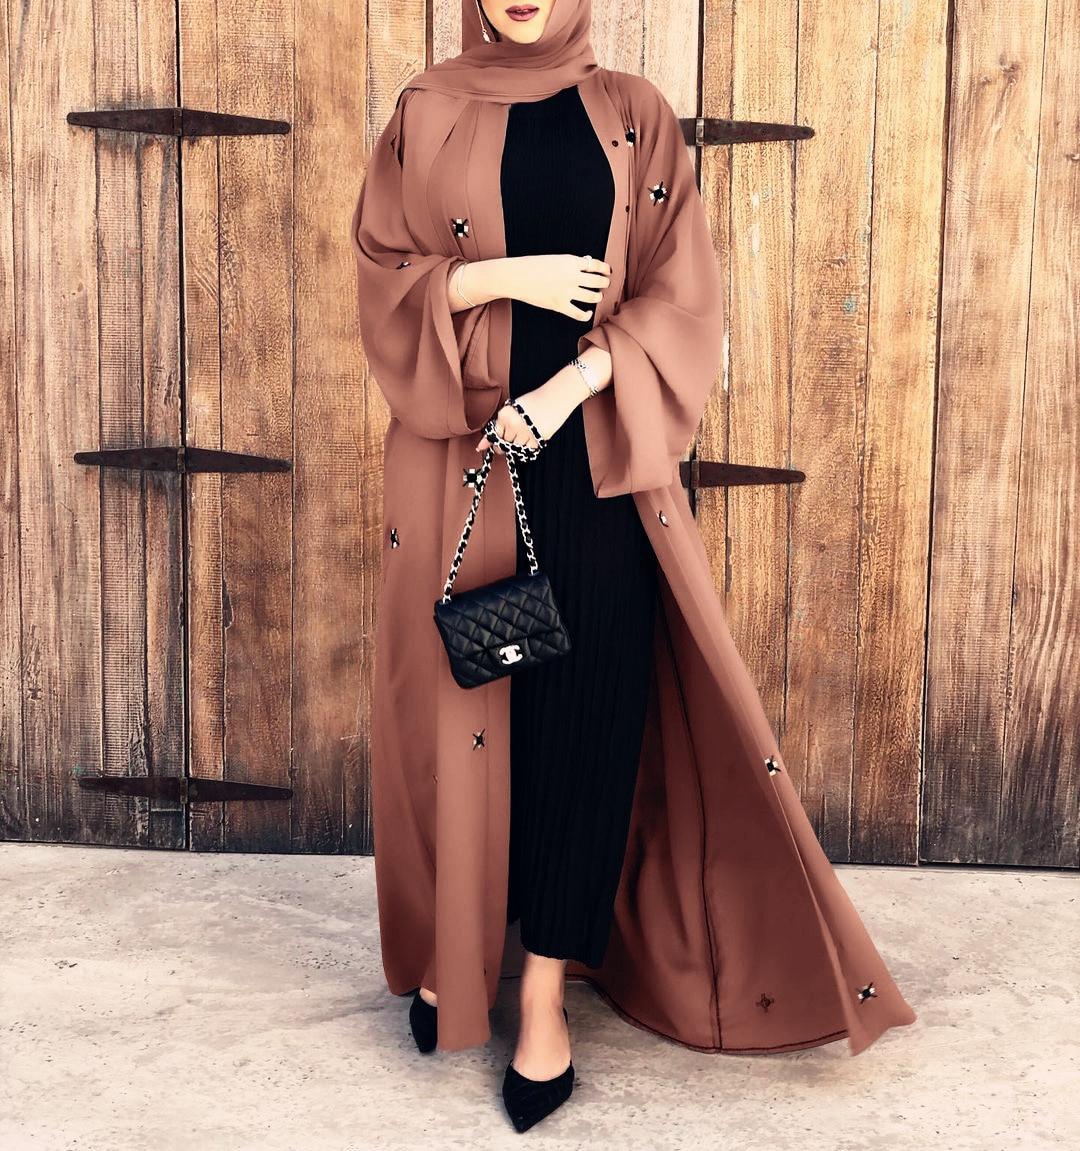 رمضان قفطان دبي عباية كيمونو كارديجان مسلم الحجاب فستان قفطان Marocain فساتين عبايات للنساء تركيا الإسلام الملابس